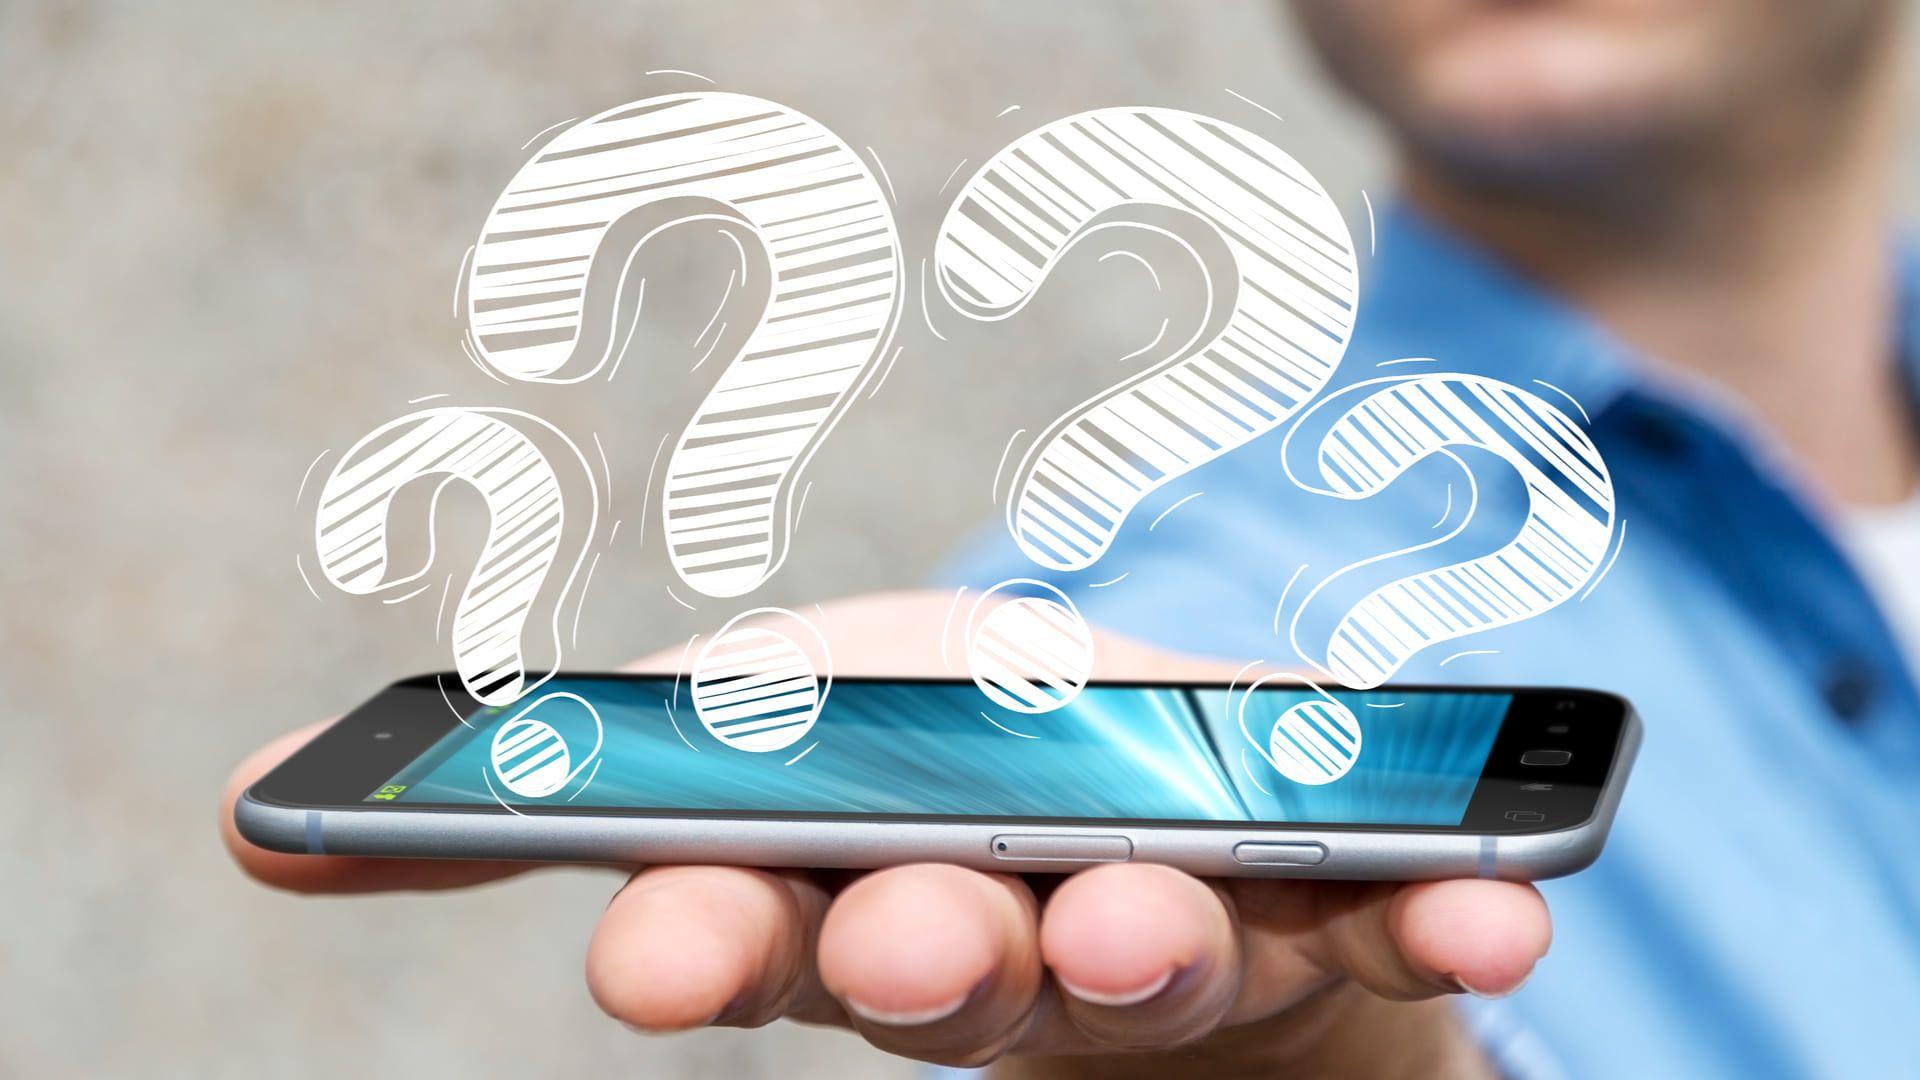 Saiba o que fazer se não consegue restaurar backup WhatsApp (Foto: Shutterstock)